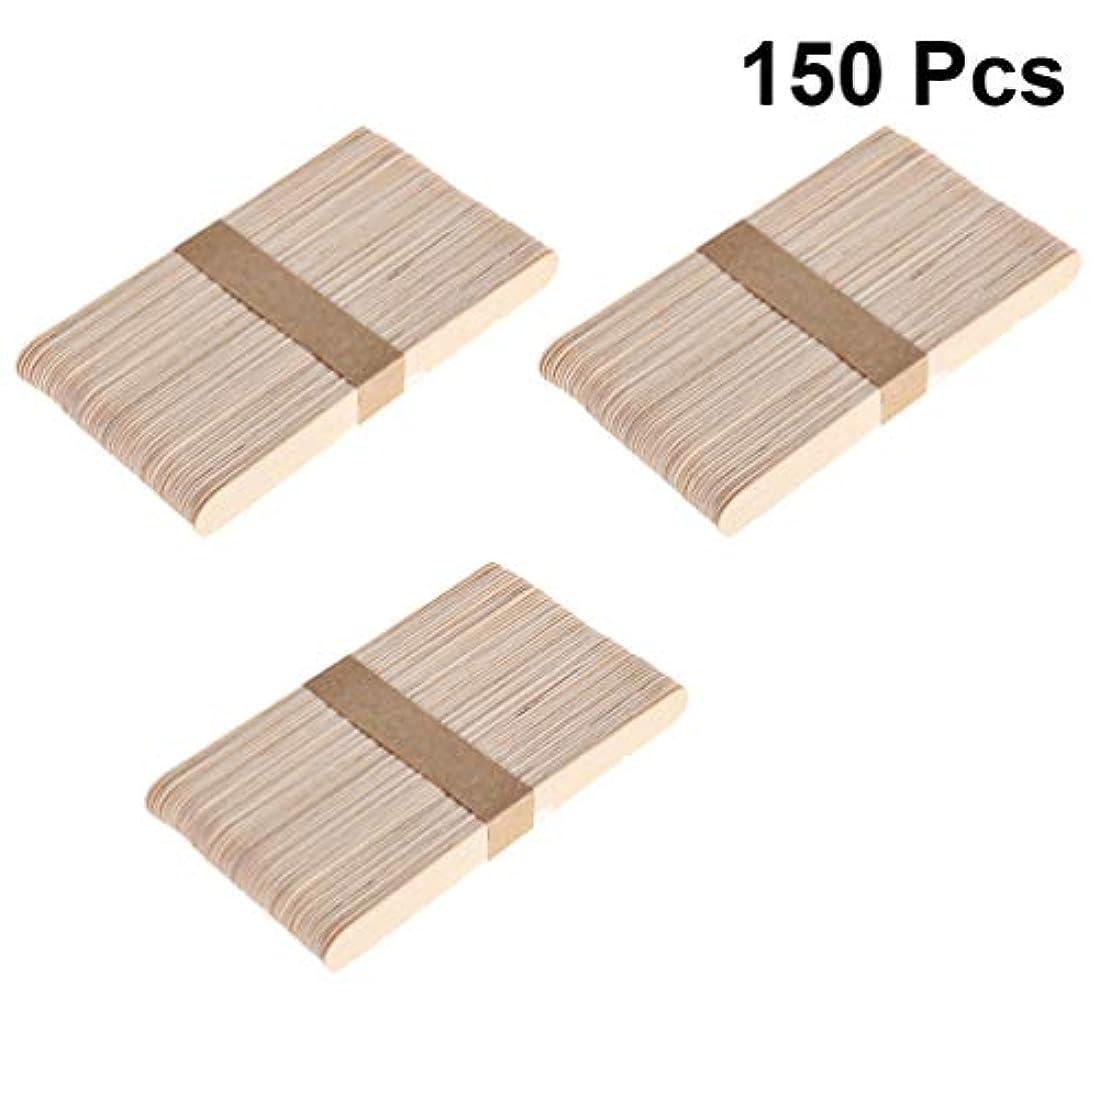 ロールジム機構Healifty 天然木材クラフトスティックアイスキャンディーロリポップアイスクリームスティックグレートポップトリートスティック用diyクラフト150ピース